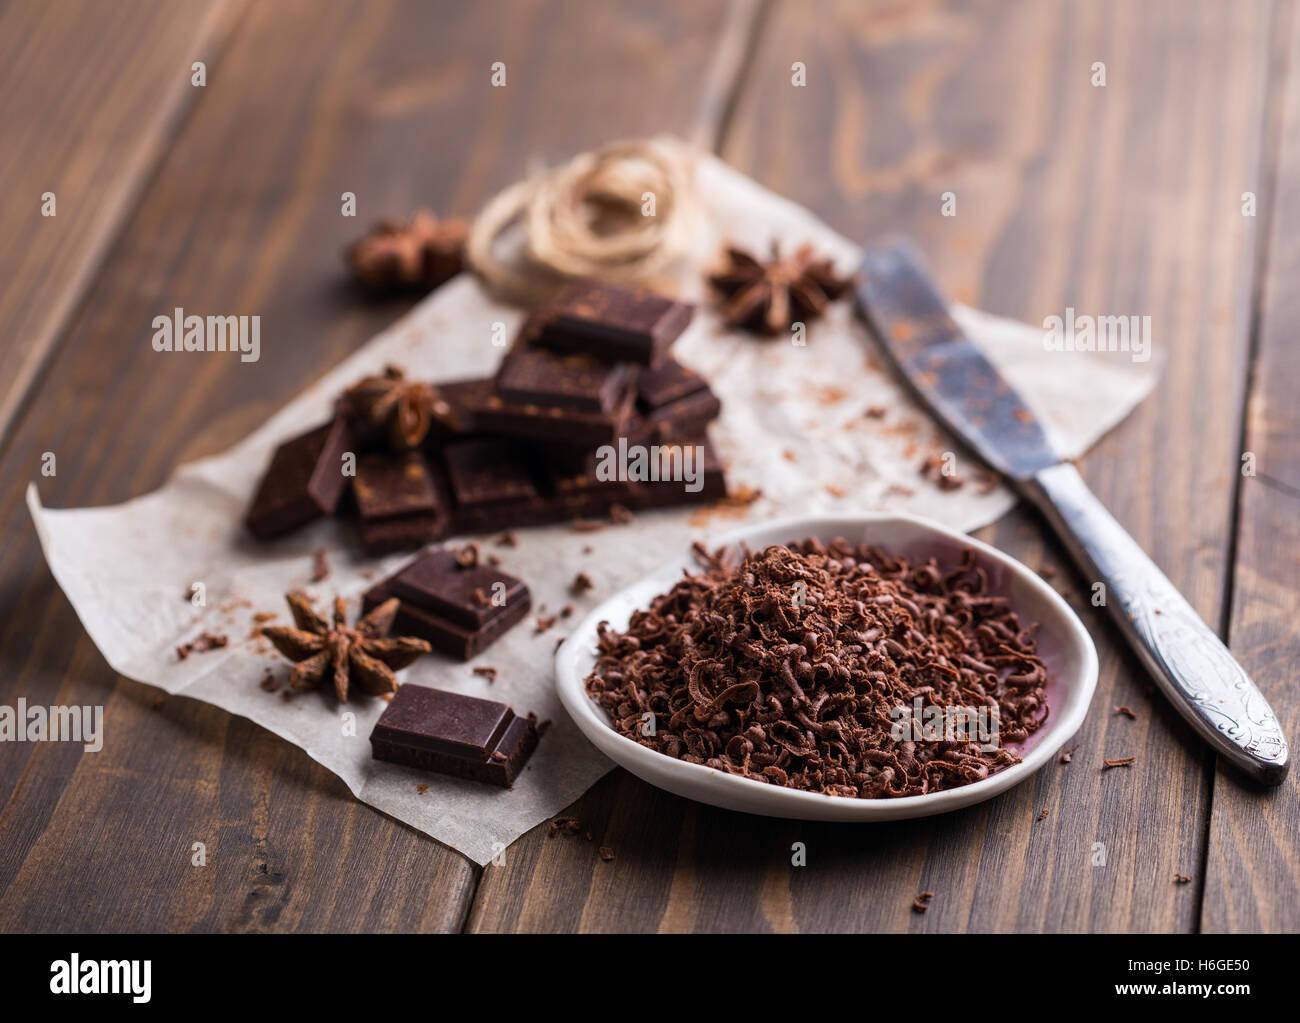 Des tas de morceaux de chocolat cassés et certains de chocolat râpé Photo Stock